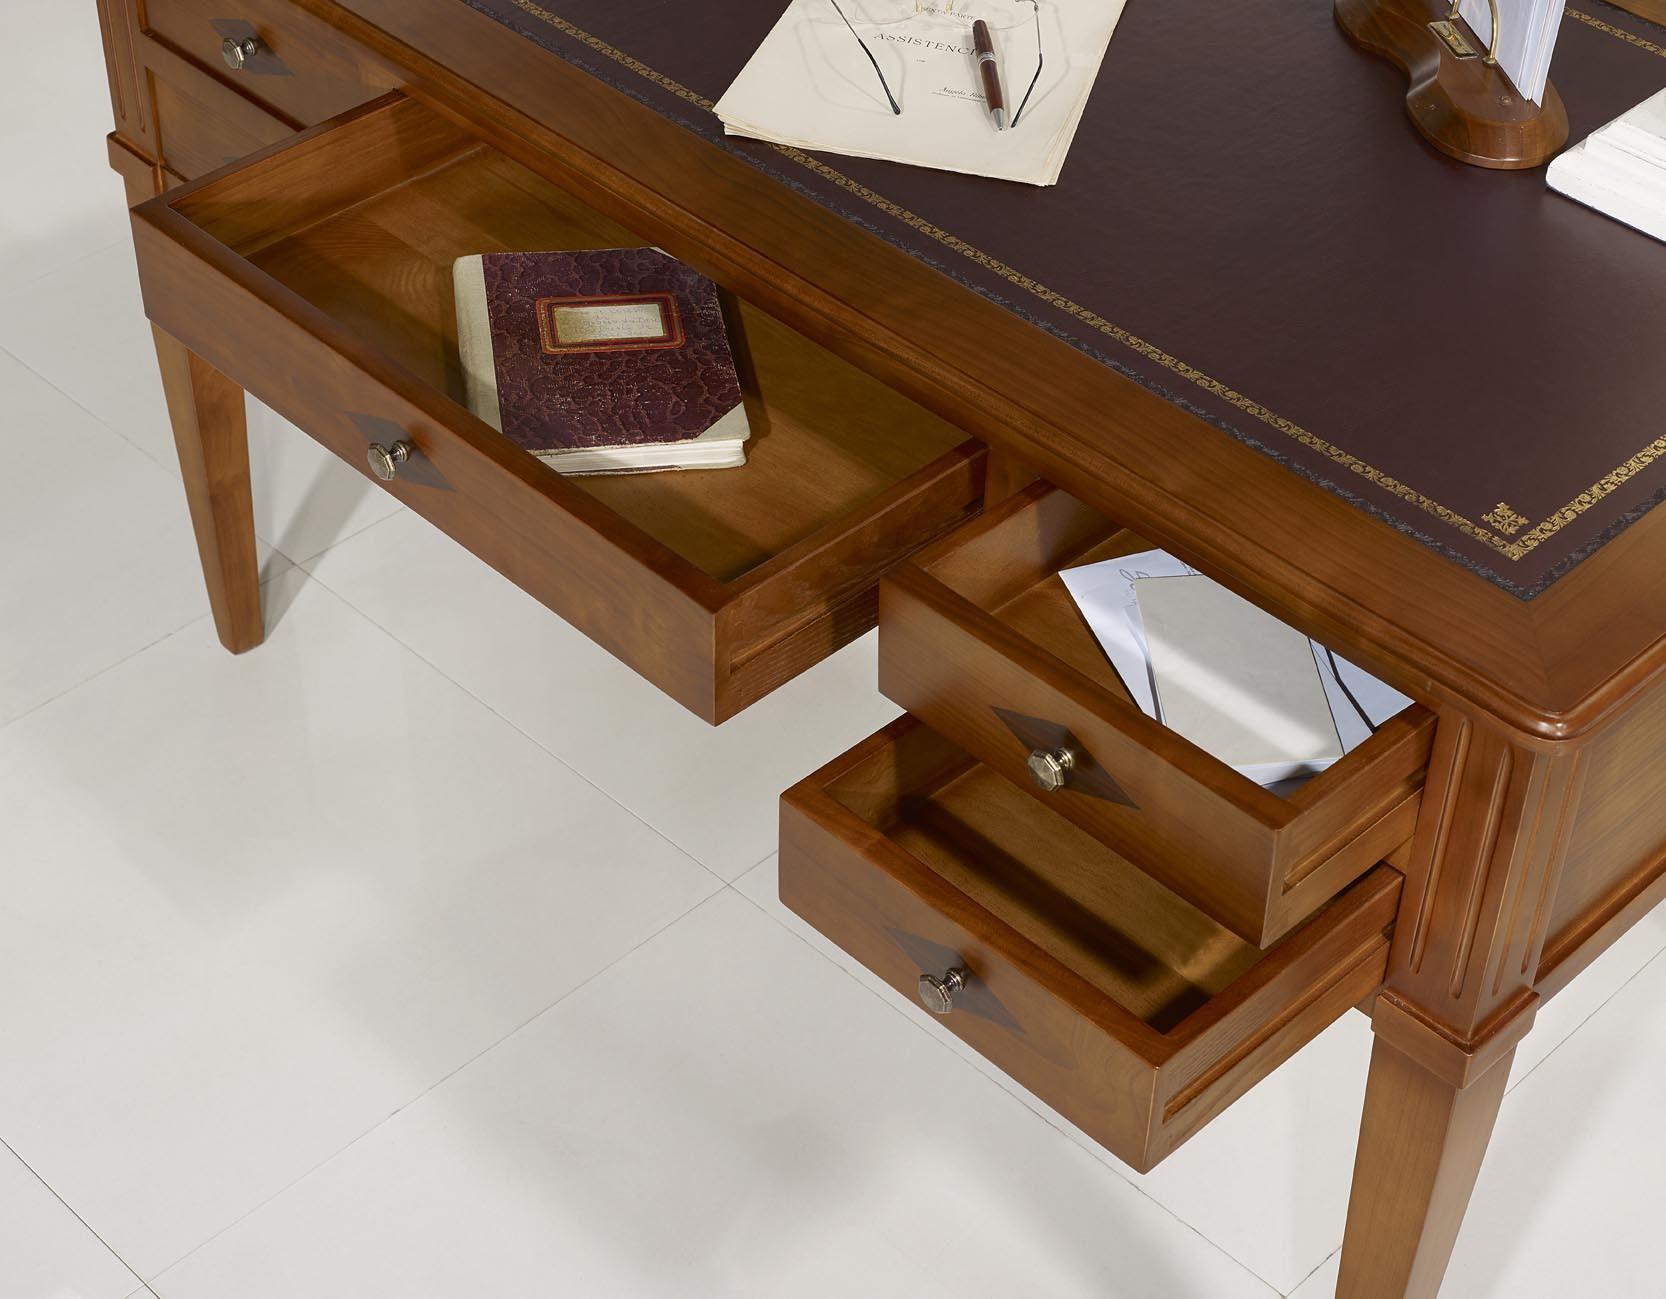 bureau ministre en merisier massif de style directoire surface d 39 criture chocolat meuble en. Black Bedroom Furniture Sets. Home Design Ideas